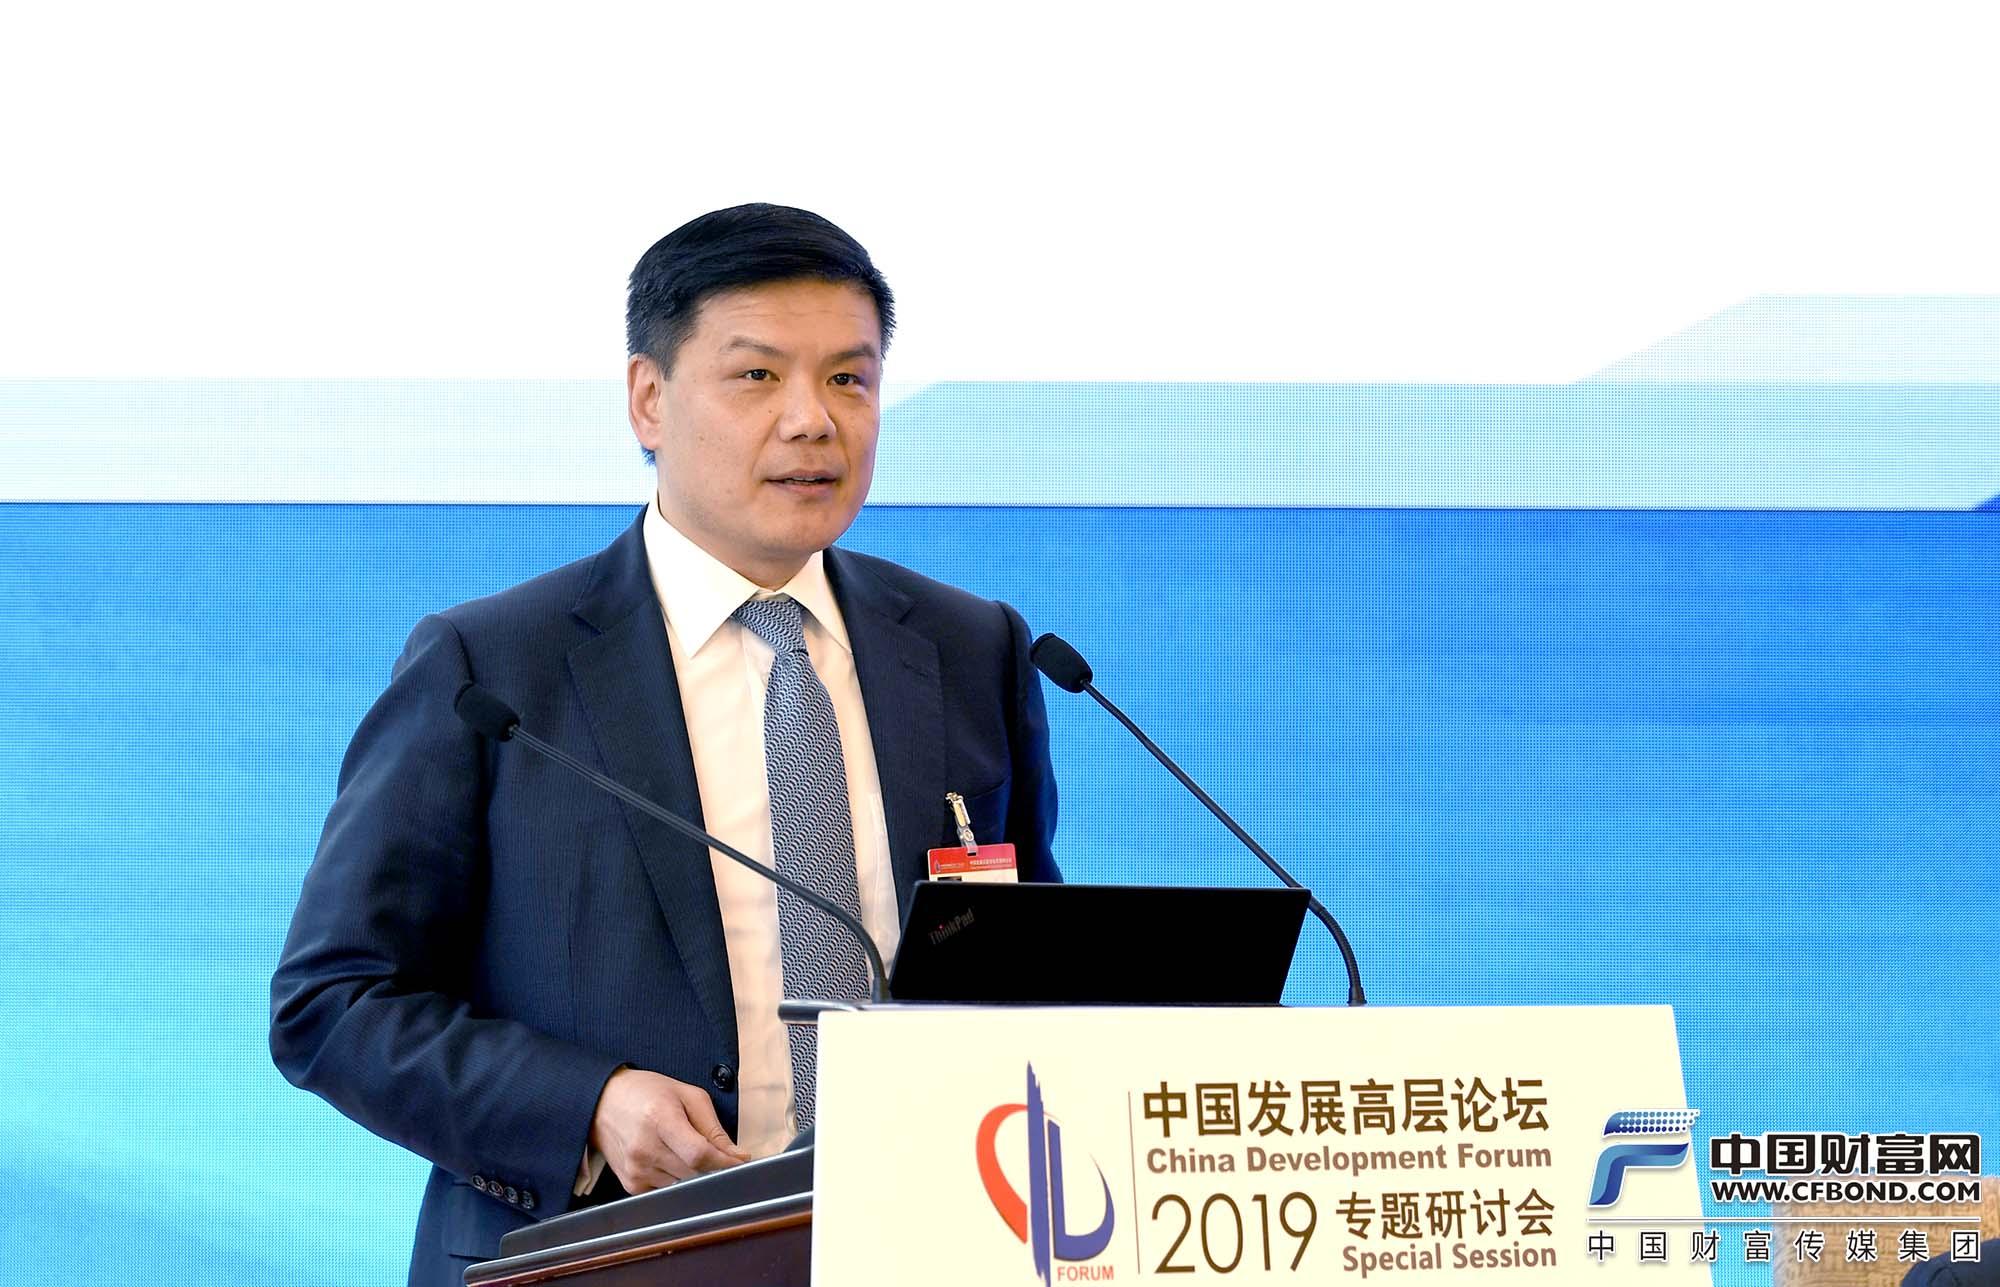 KKR 集团全球合伙人兼大中华区总裁杨文钧发言